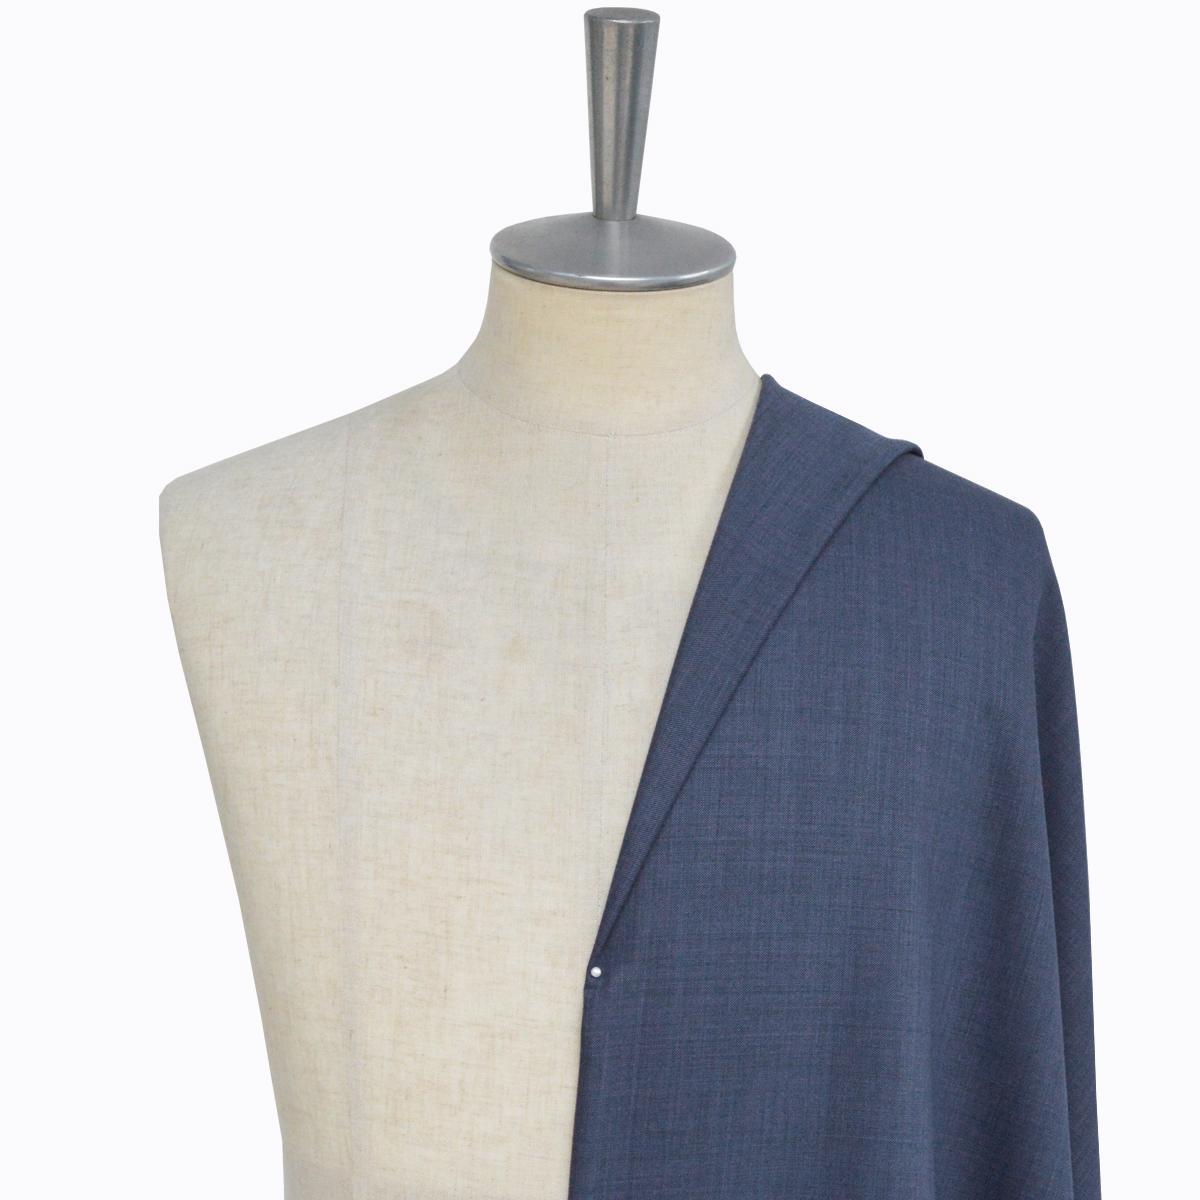 [オーダースーツ]明るめのブルーで爽やかな着こなしを